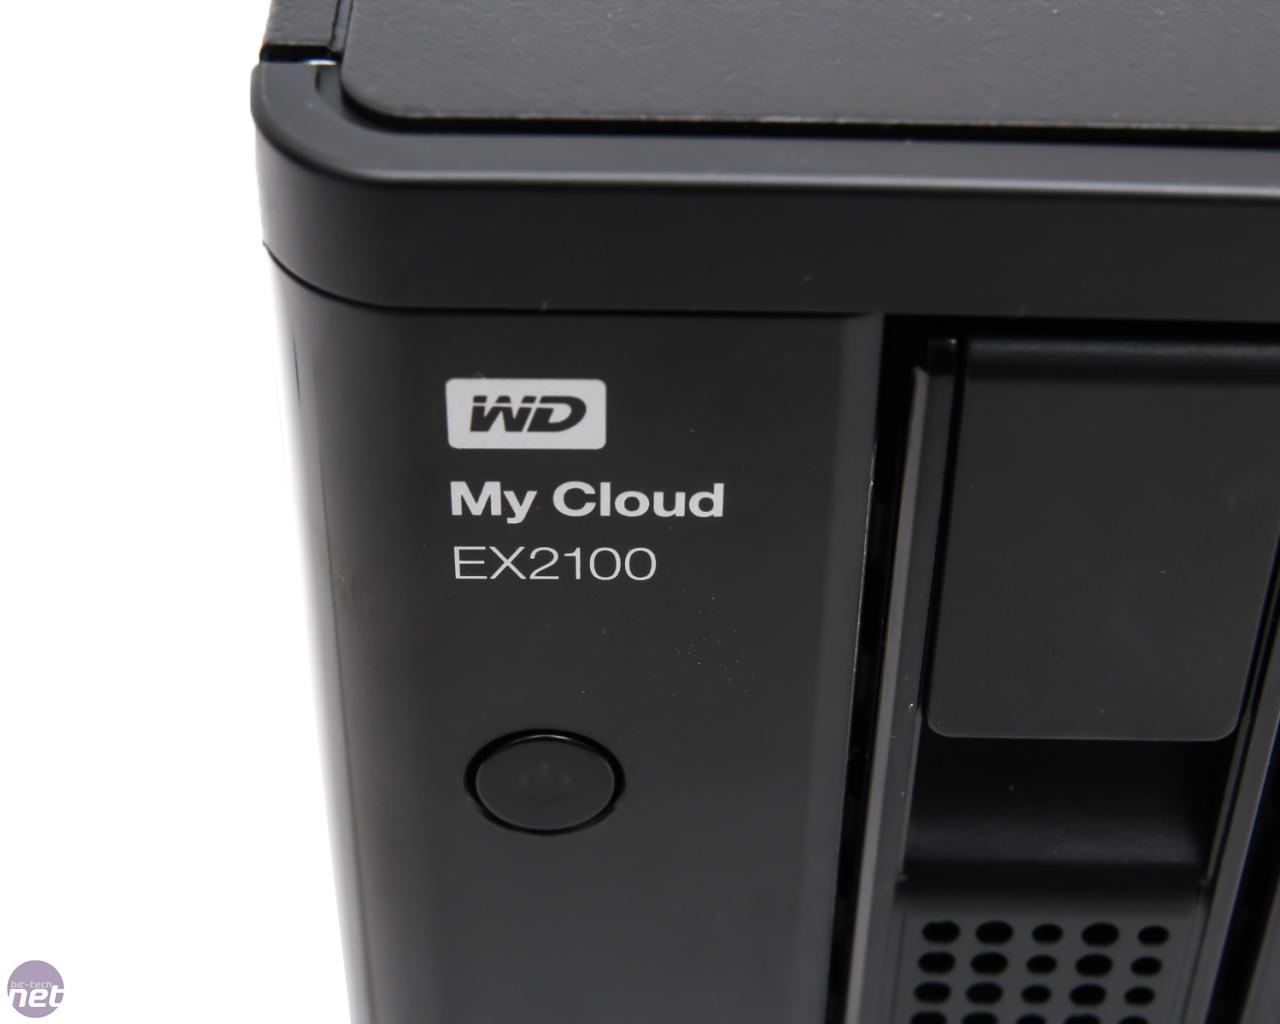 Western digital my cloud review : Furniture rental